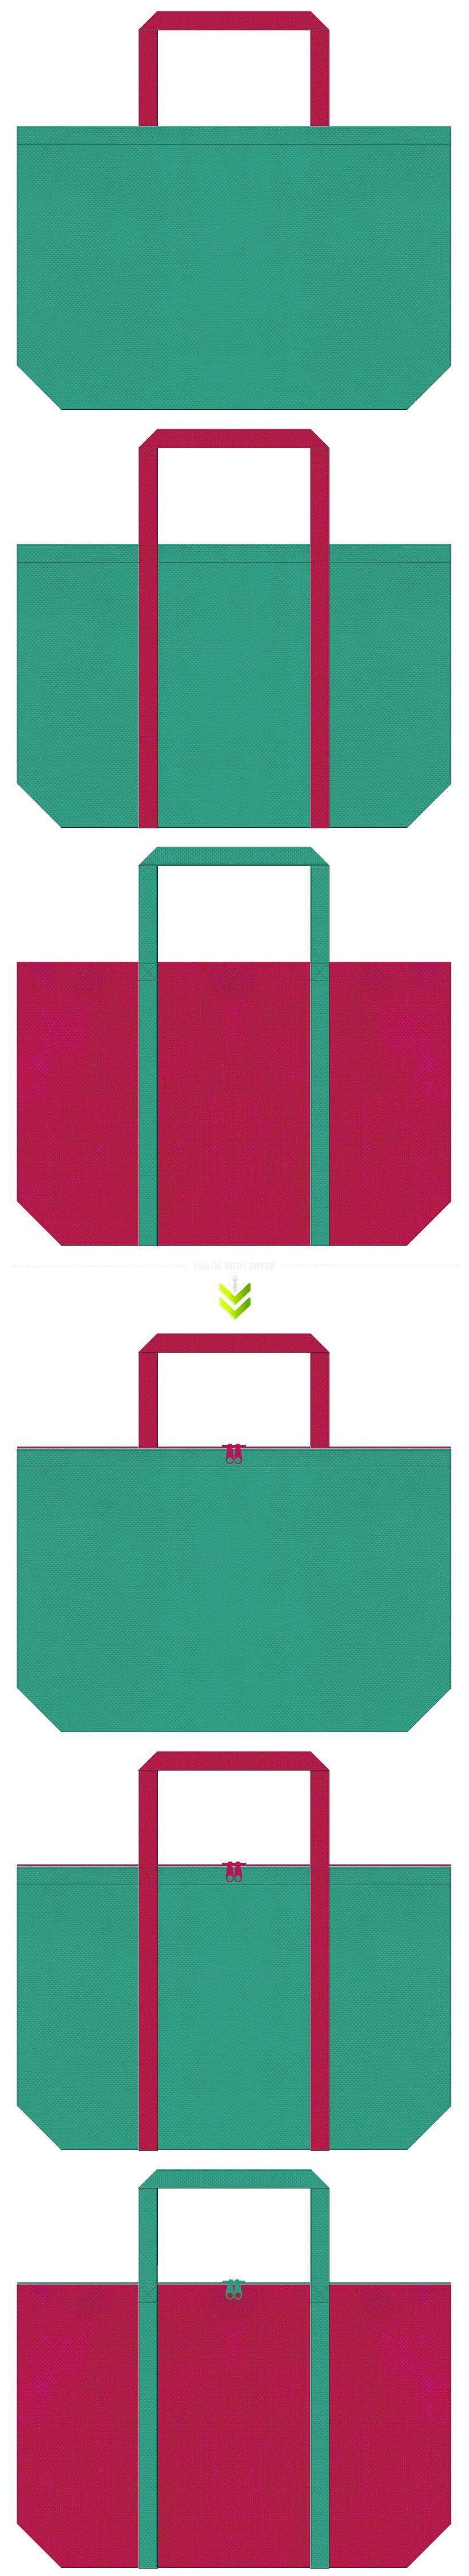 南国・トロピカル・カクテル・リゾート・海外旅行・トラベルバッグにお奨めの不織布バッグデザイン:青緑色と濃いピンク色のコーデ